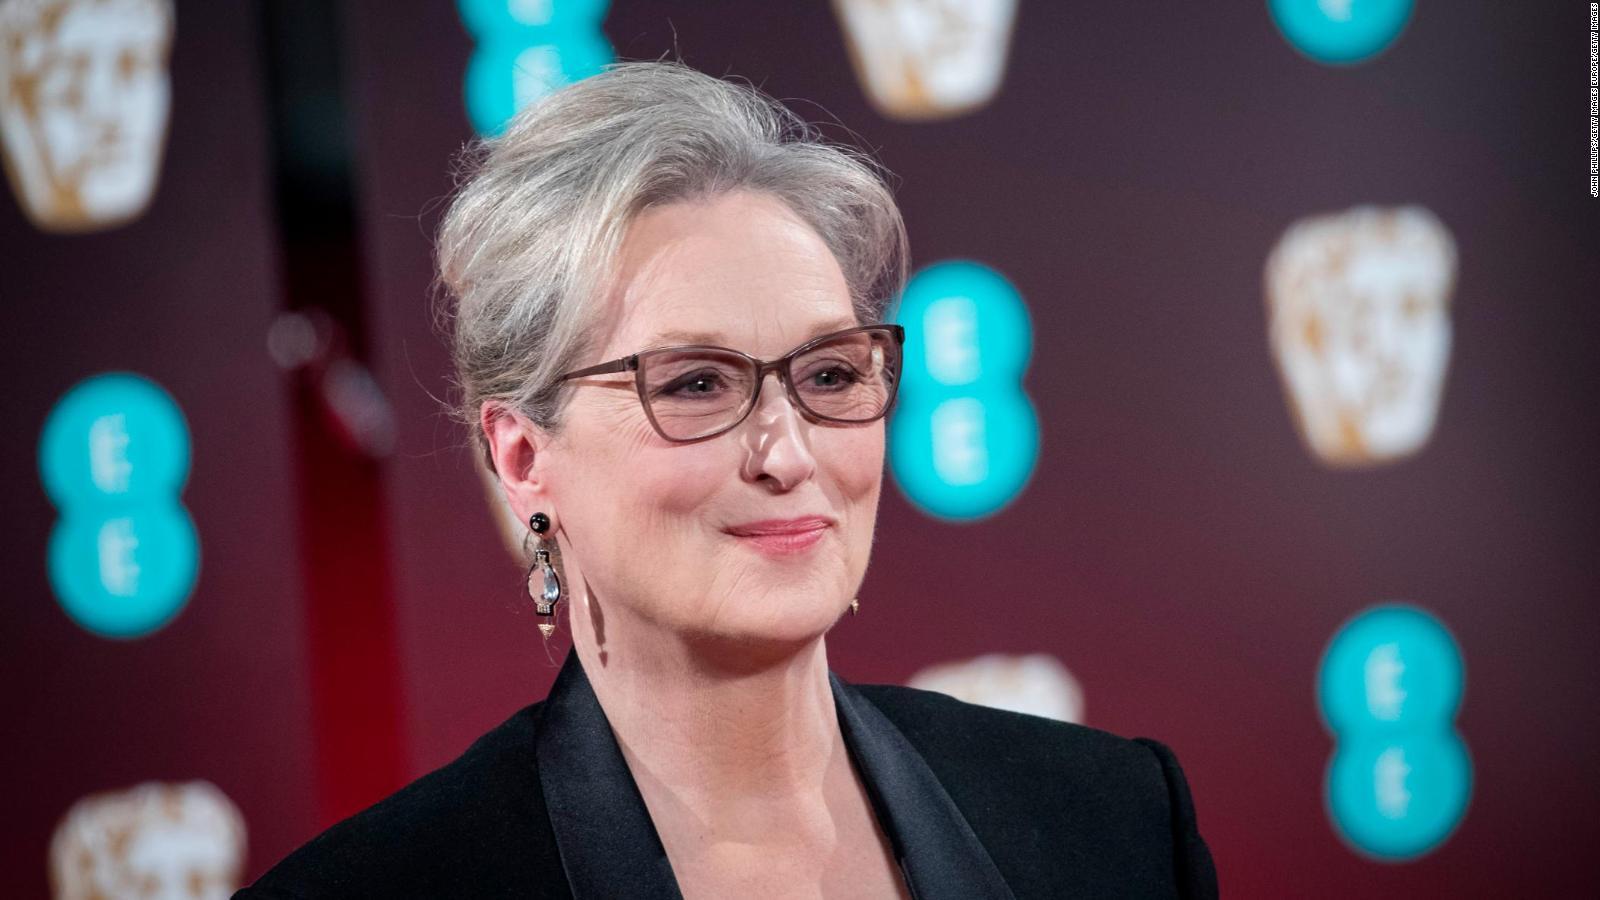 La actriz Meryl Streep celebra su cumpleaños número 72